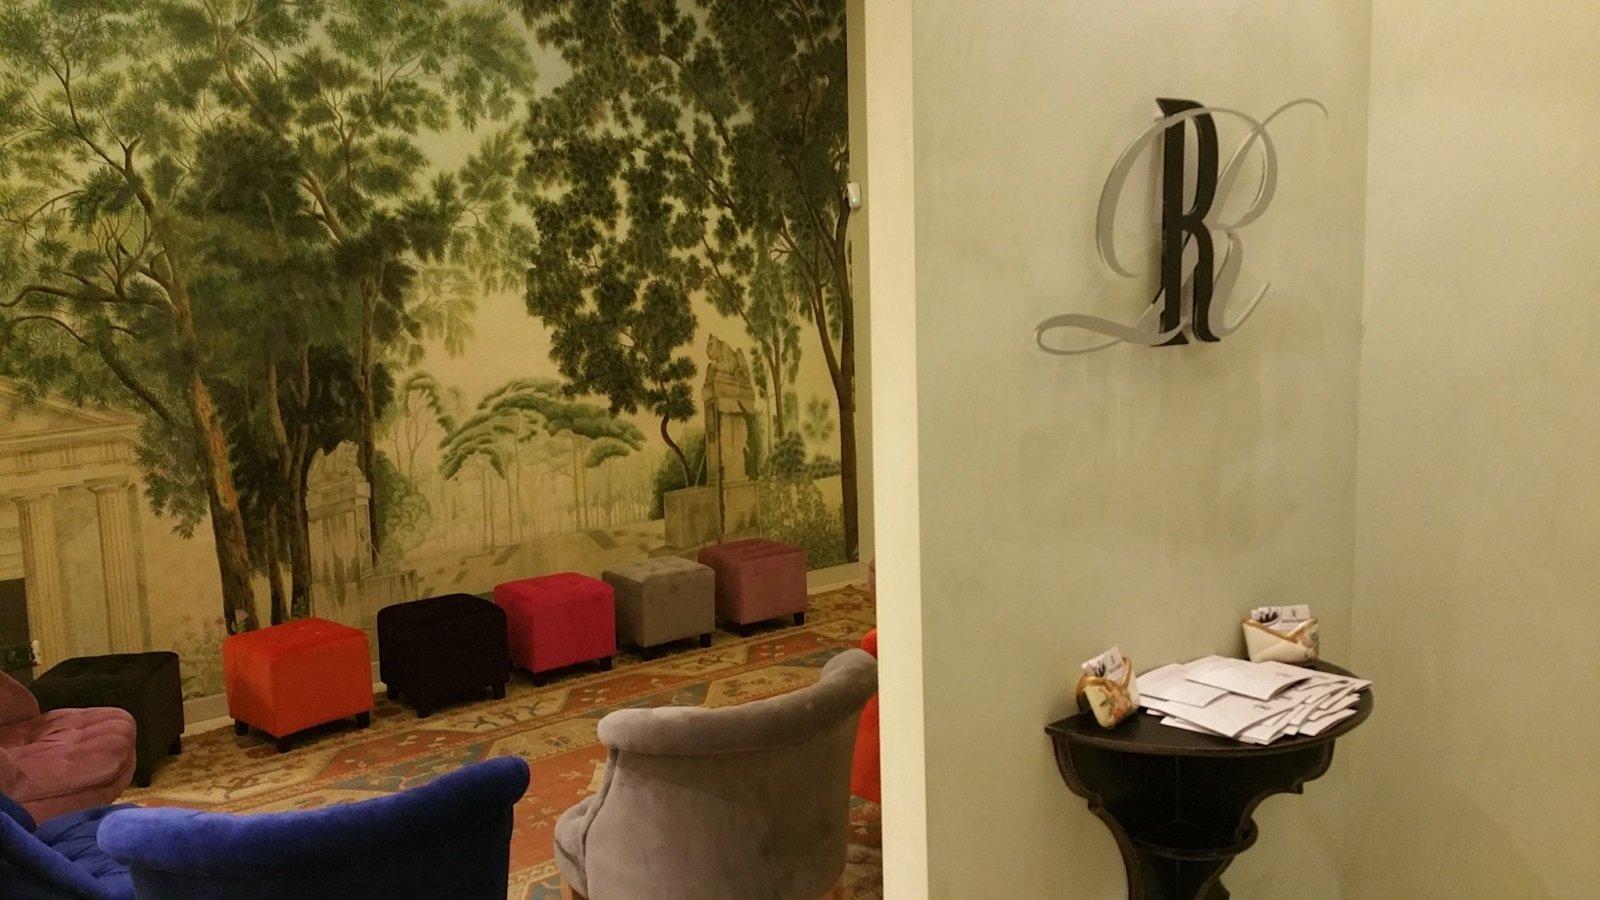 una stanza con delle poltrone, dei pouf e dei disegni di alcuni alberi